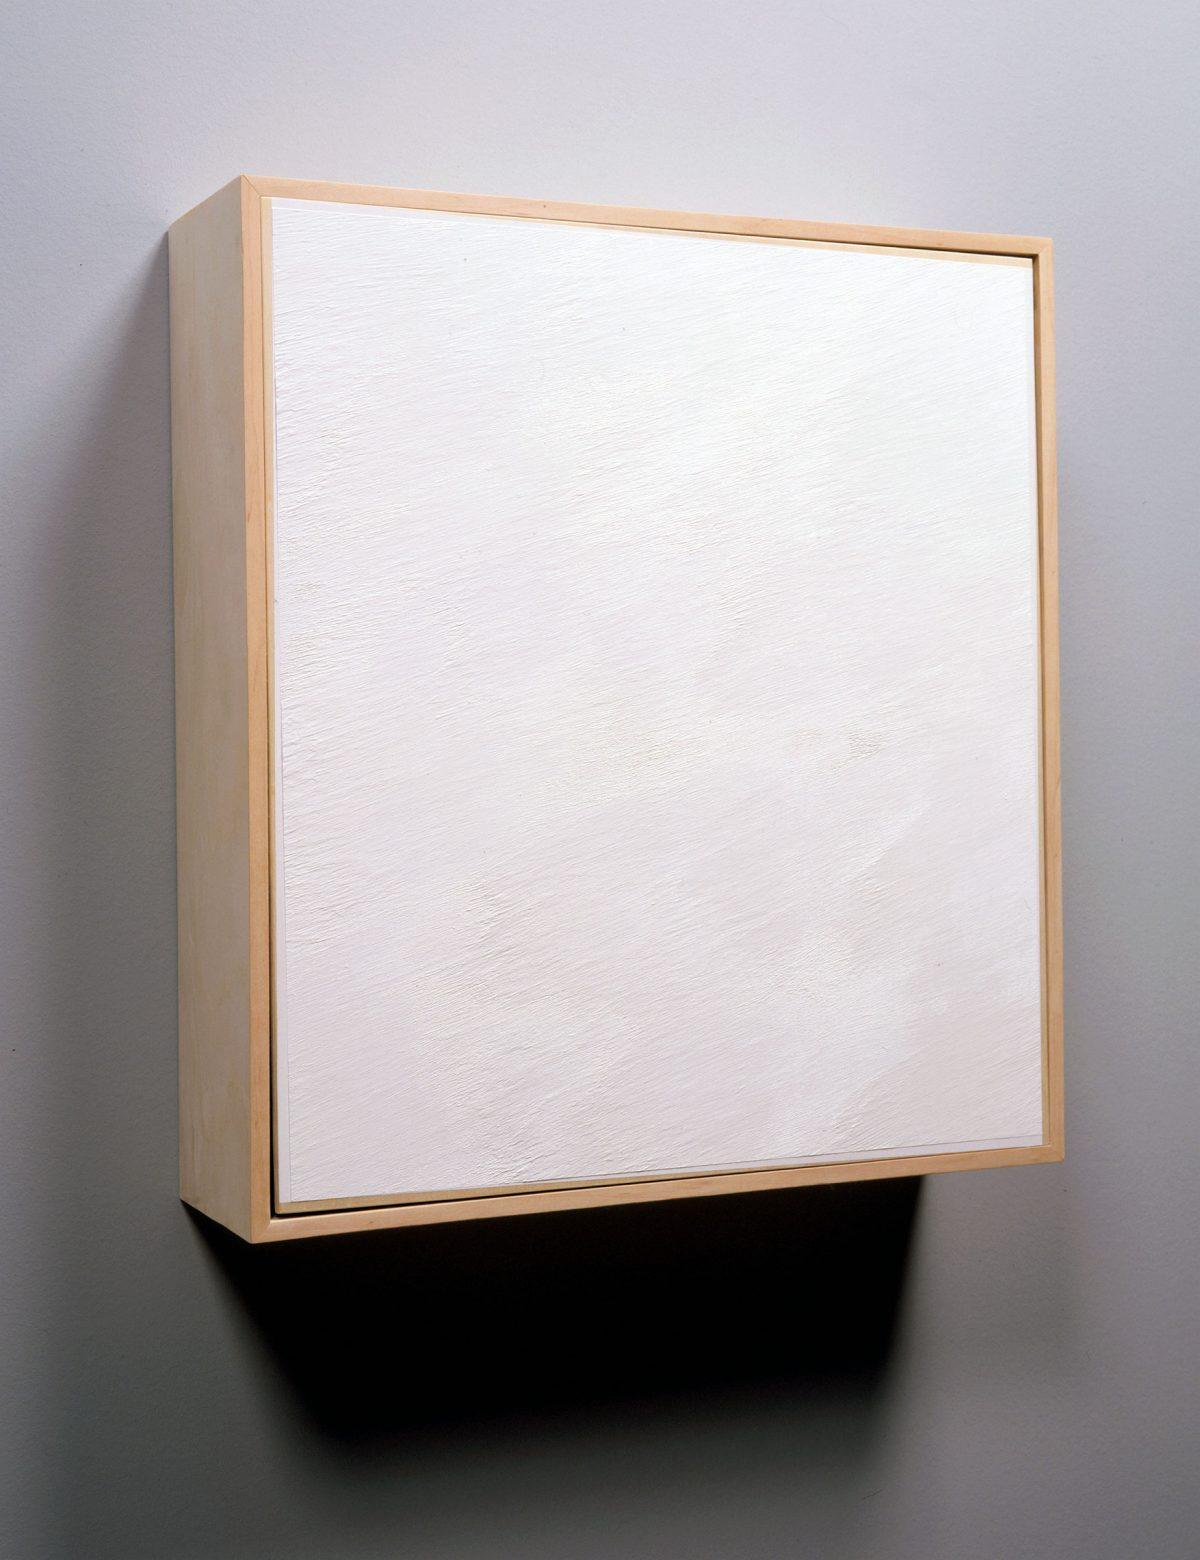 2: 39, 32: 55, 11: 18, 1999, Stéphane La Rue, Acrylique sur bois, 3 éléments.